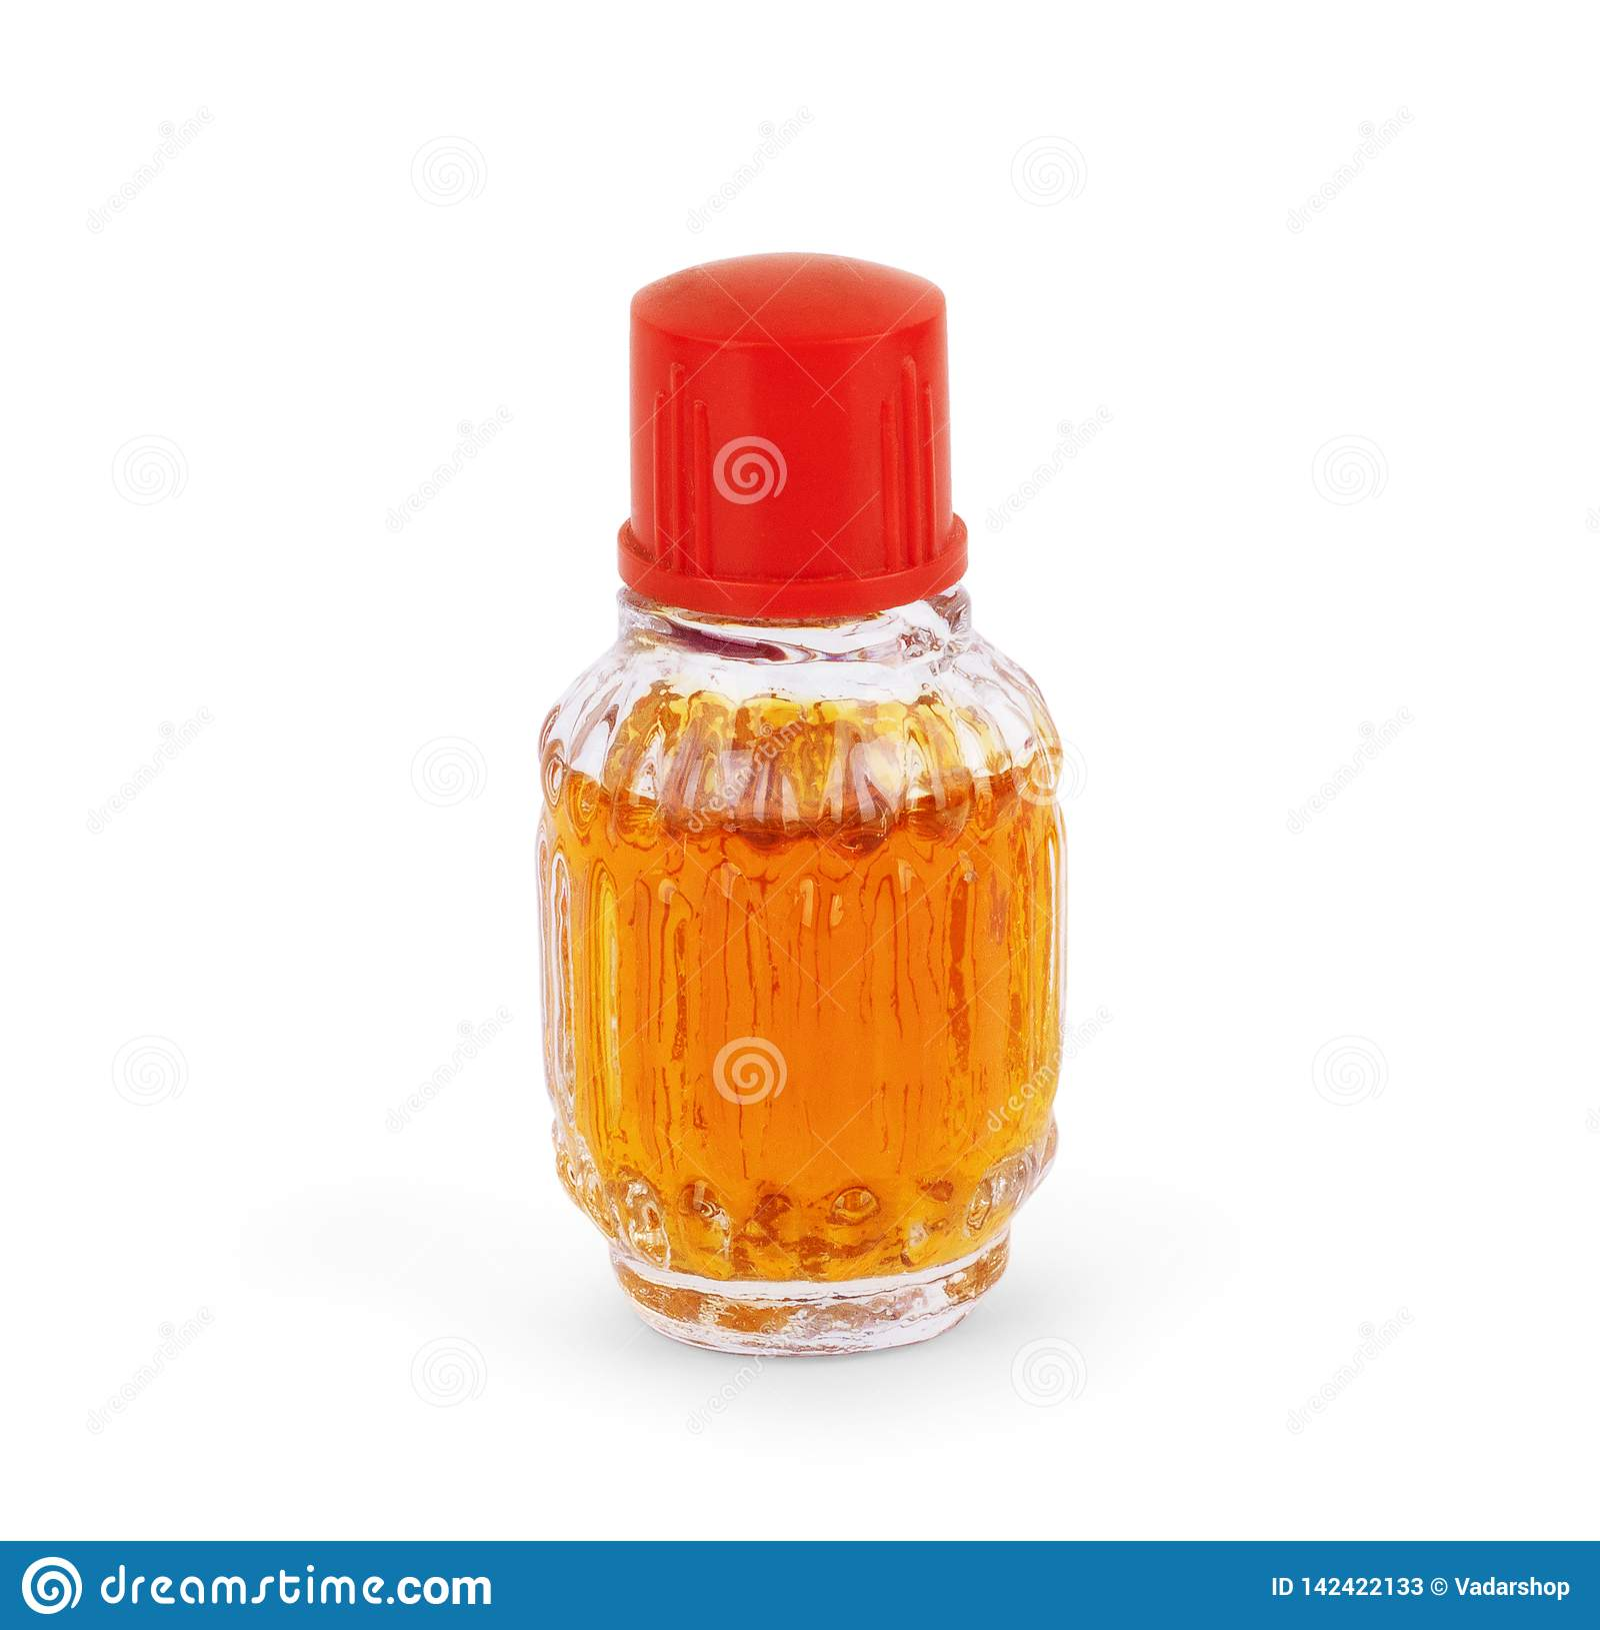 Le cru que les vieilles bouteilles en verre de mode d Oud arabe aromatique huile le parfum avec Crystal Clear Ball Shape Dropper